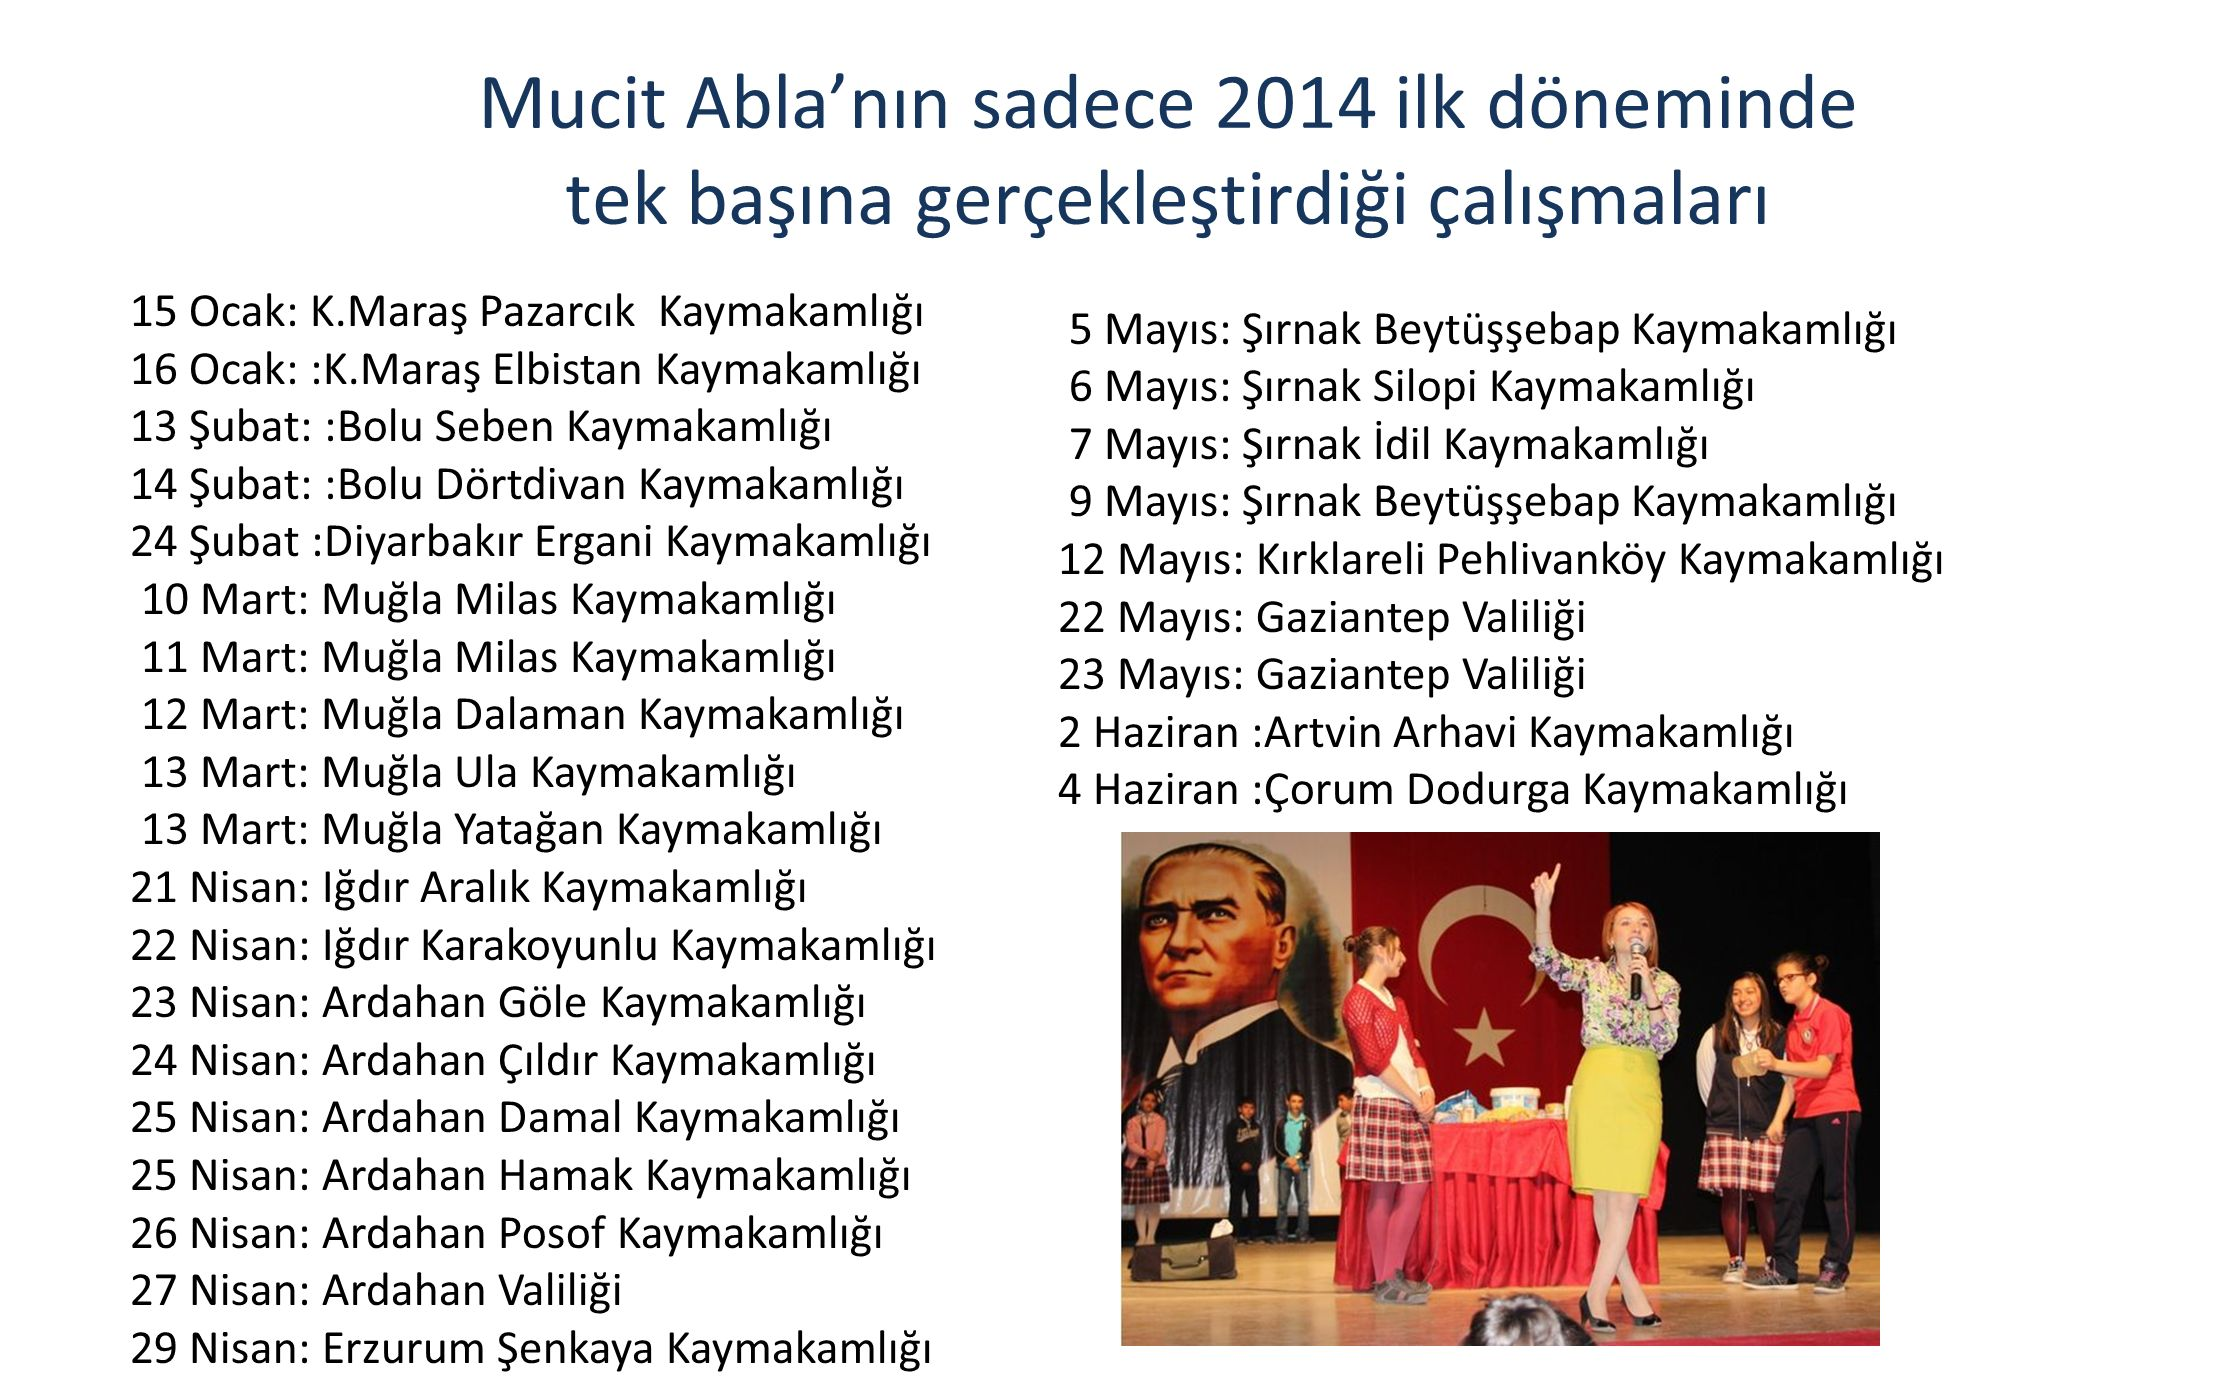 Mucit Abla'nın sadece 2014 ilk döneminde tek başına gerçekleştirdiği çalışmaları